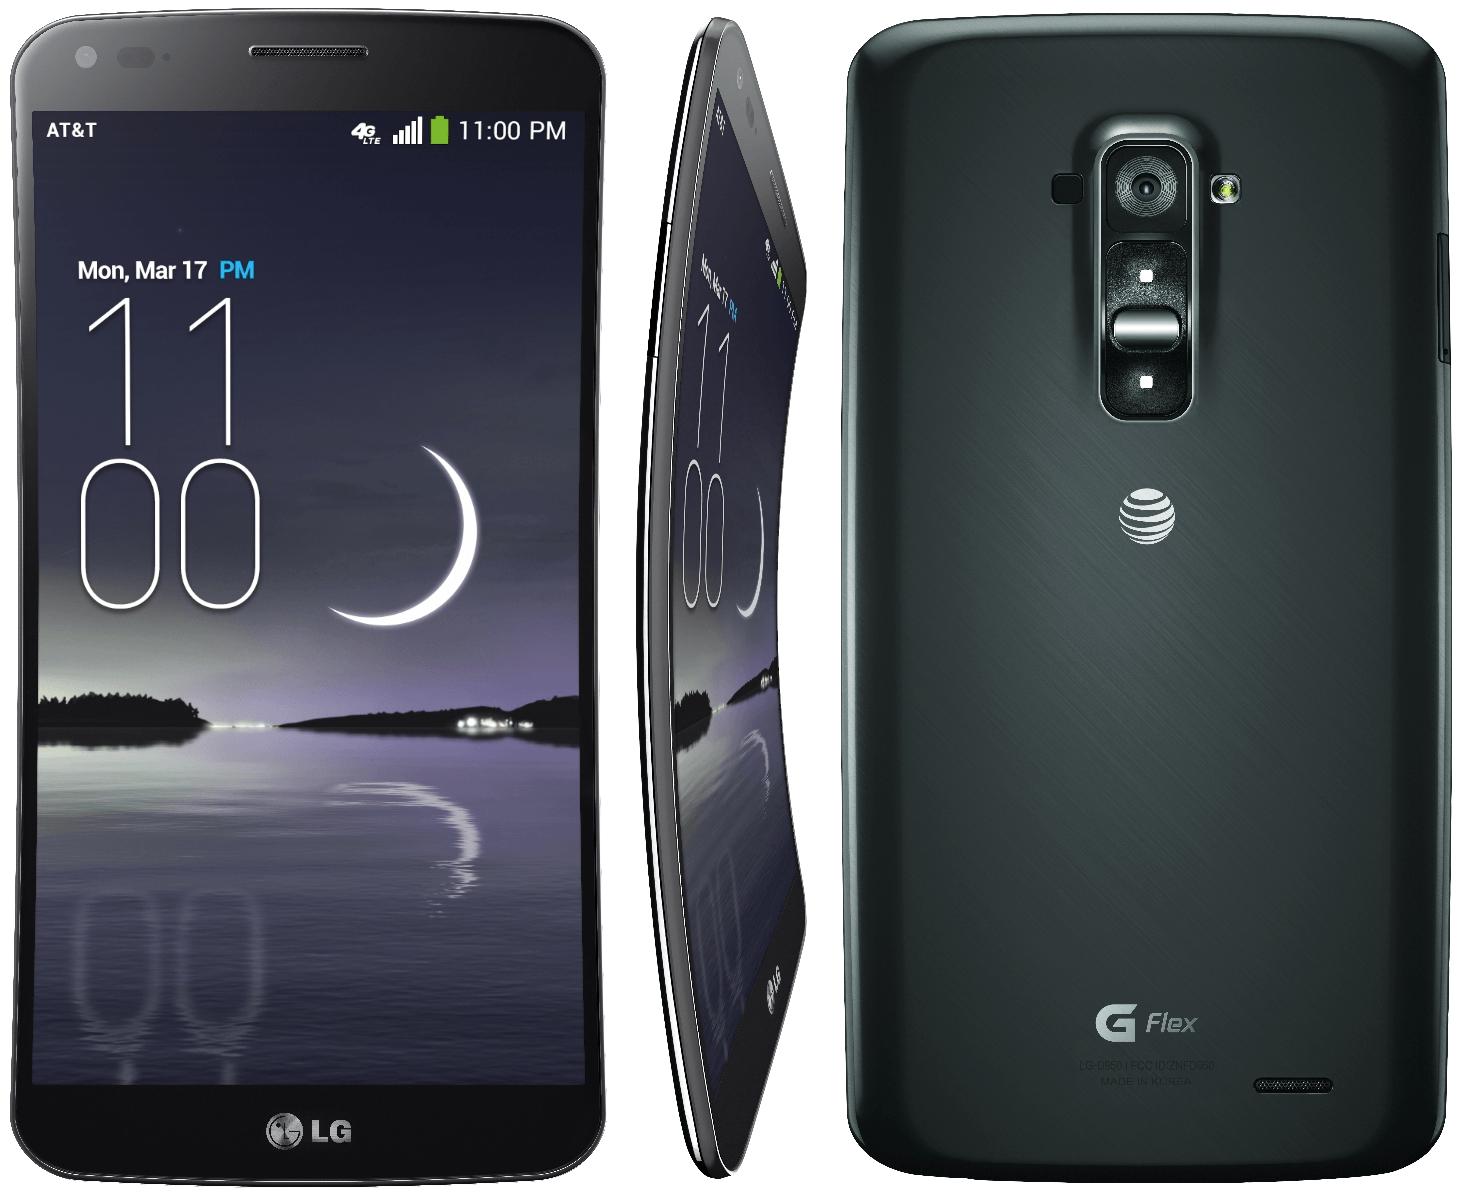 5 Smartphone Premium dengan Fitur Segudang tapi Kurang Laris di Pasar